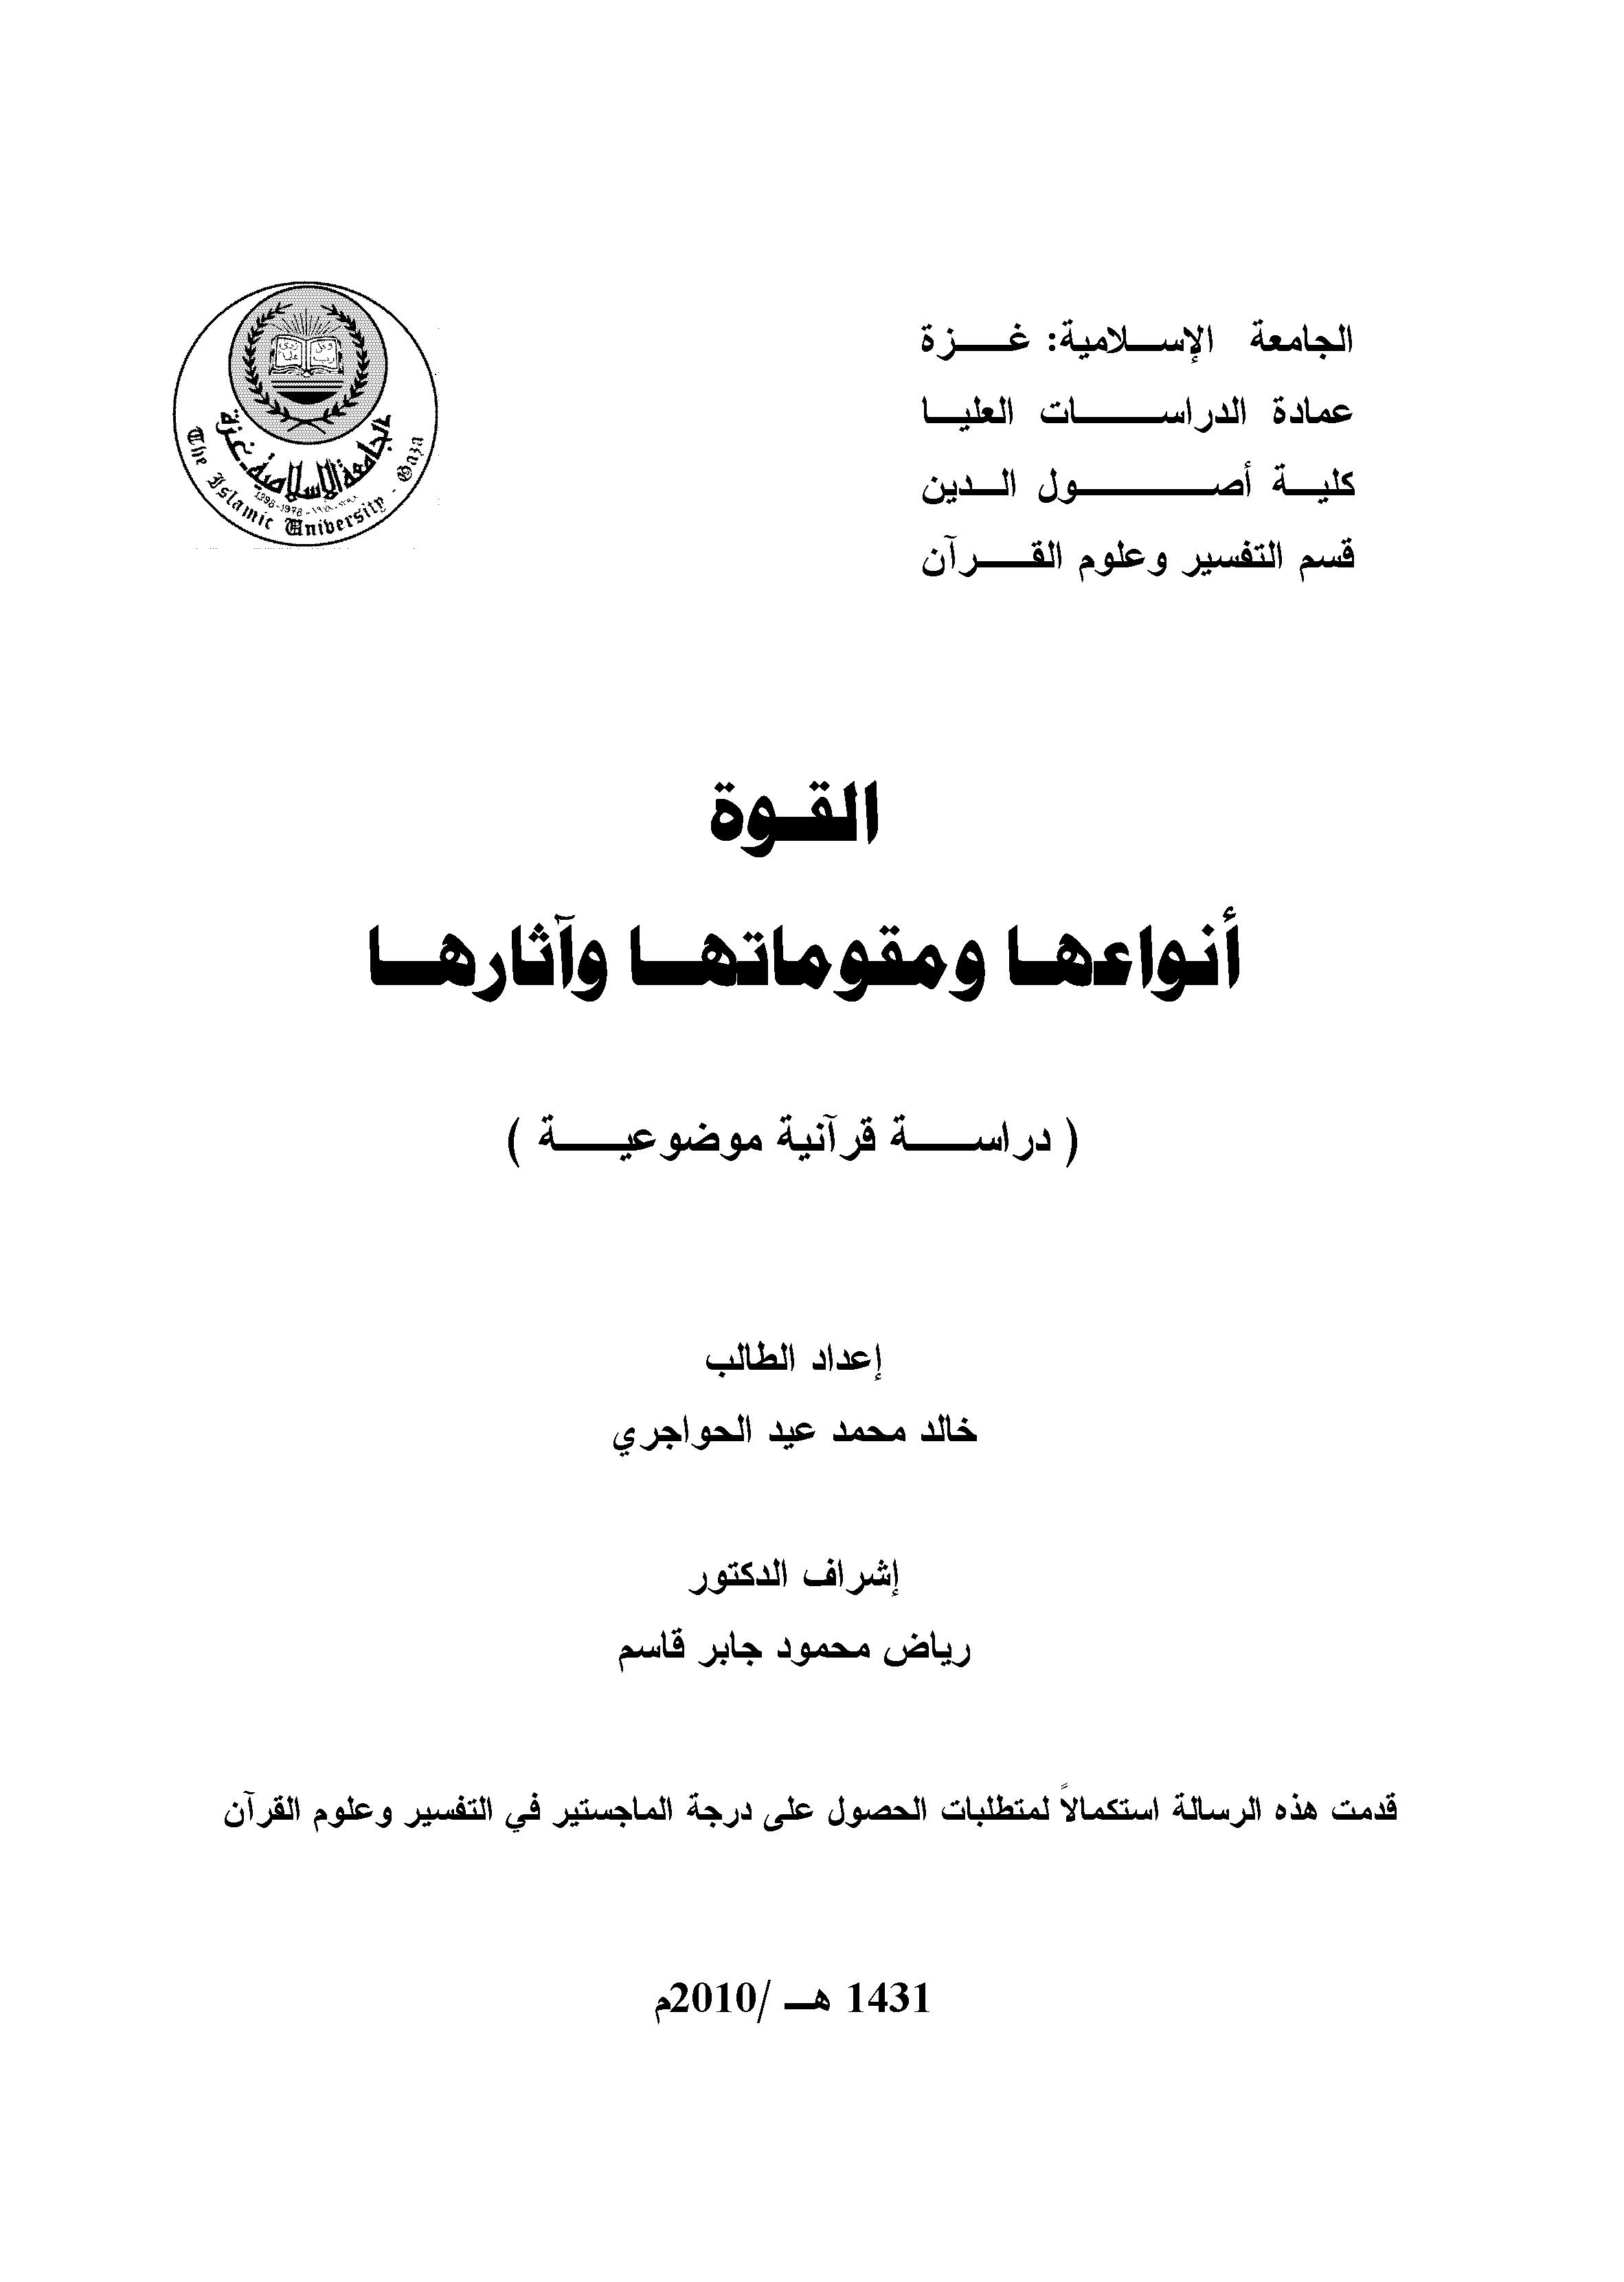 تحميل كتاب القوة أنواعها ومقوماتها وآثارها (دراسة قرآنية موضوعية) لـِ: خالد محمد عيد الحواجري